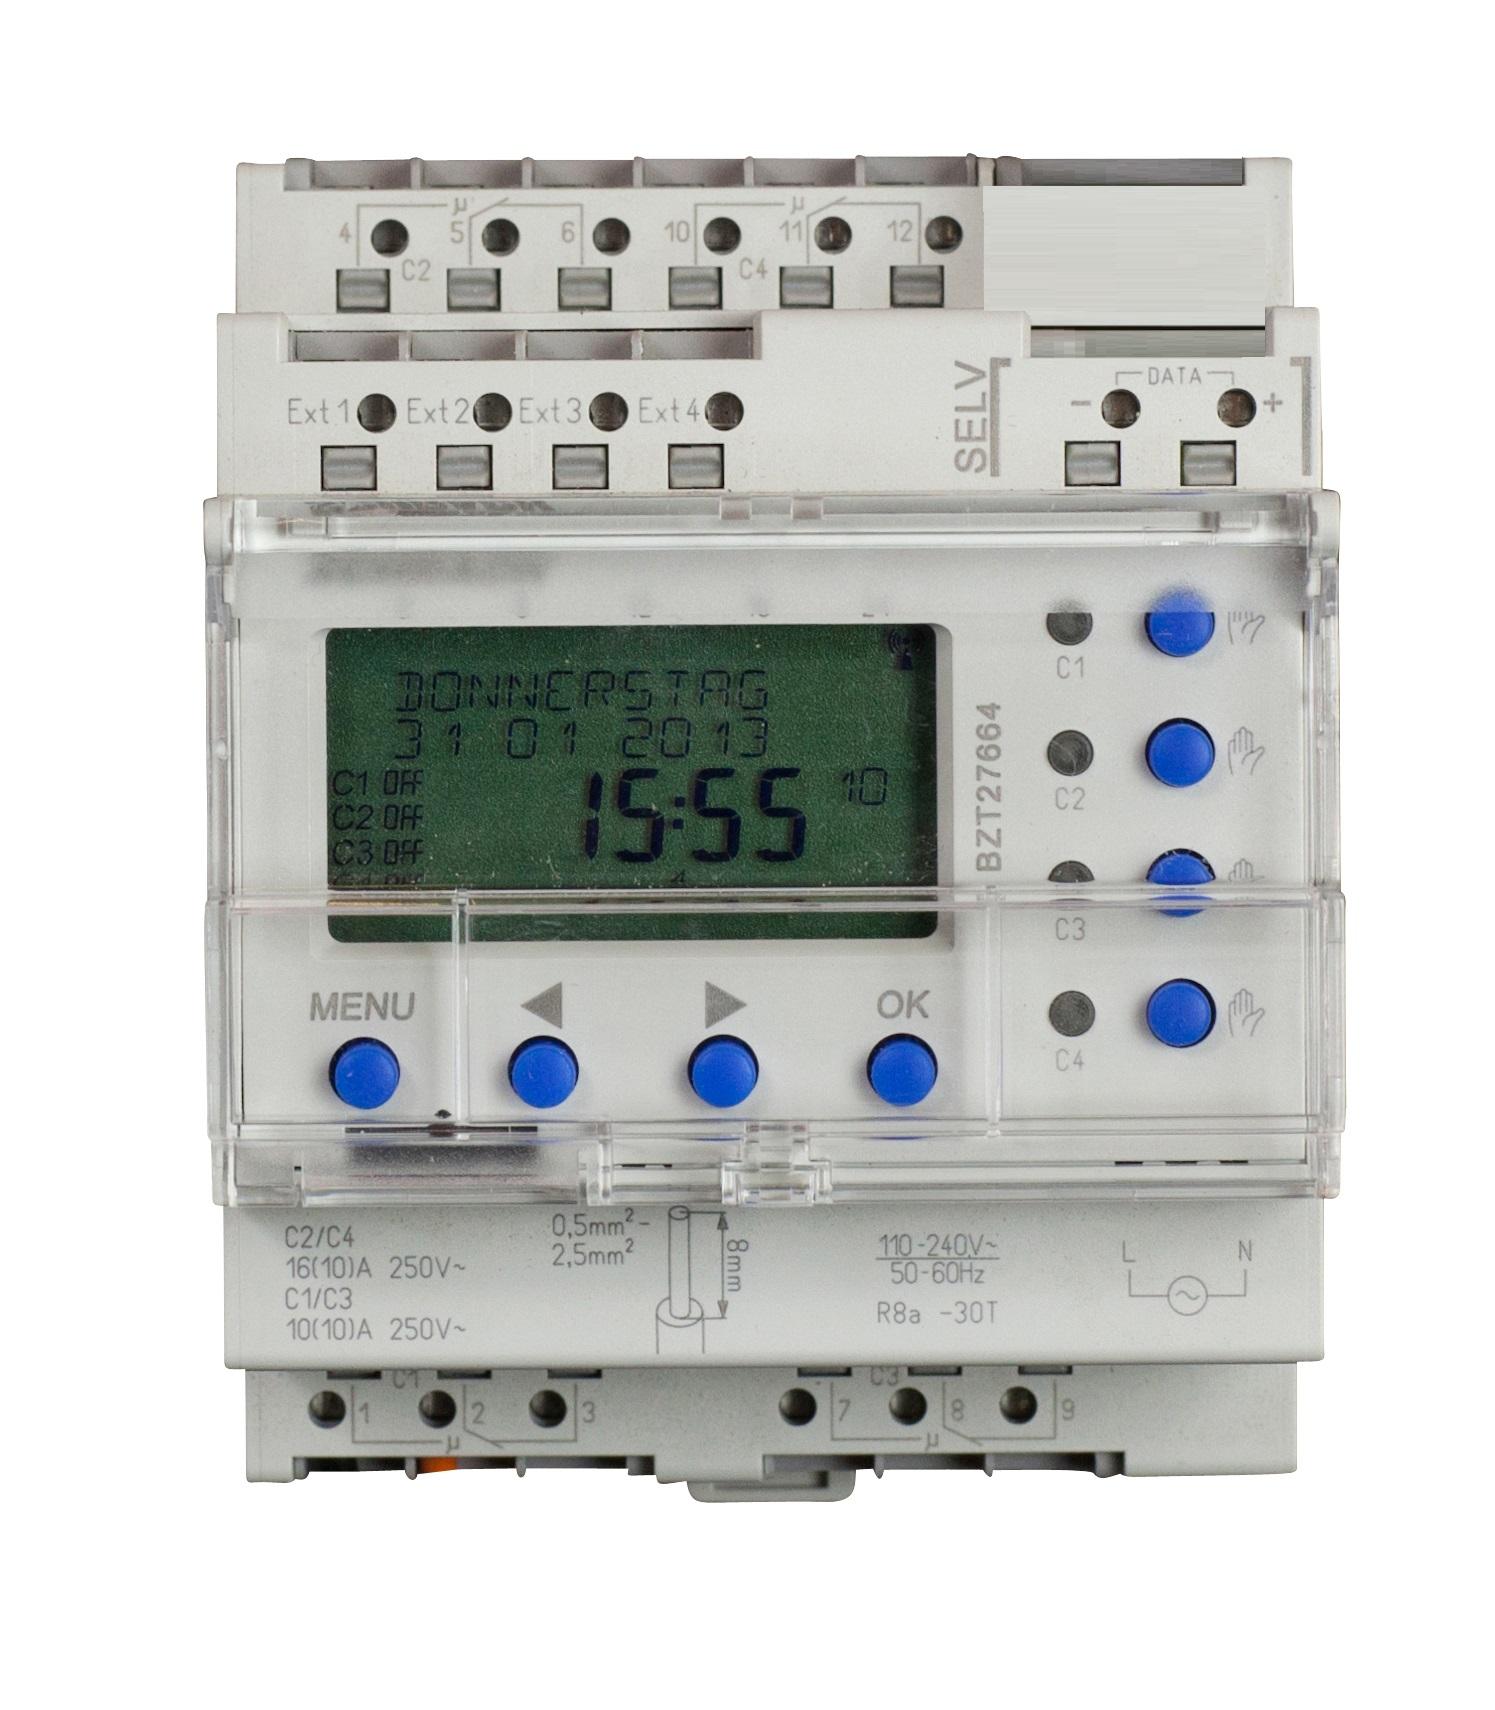 Ceasuri programabile, comutatoare crepusculare11330